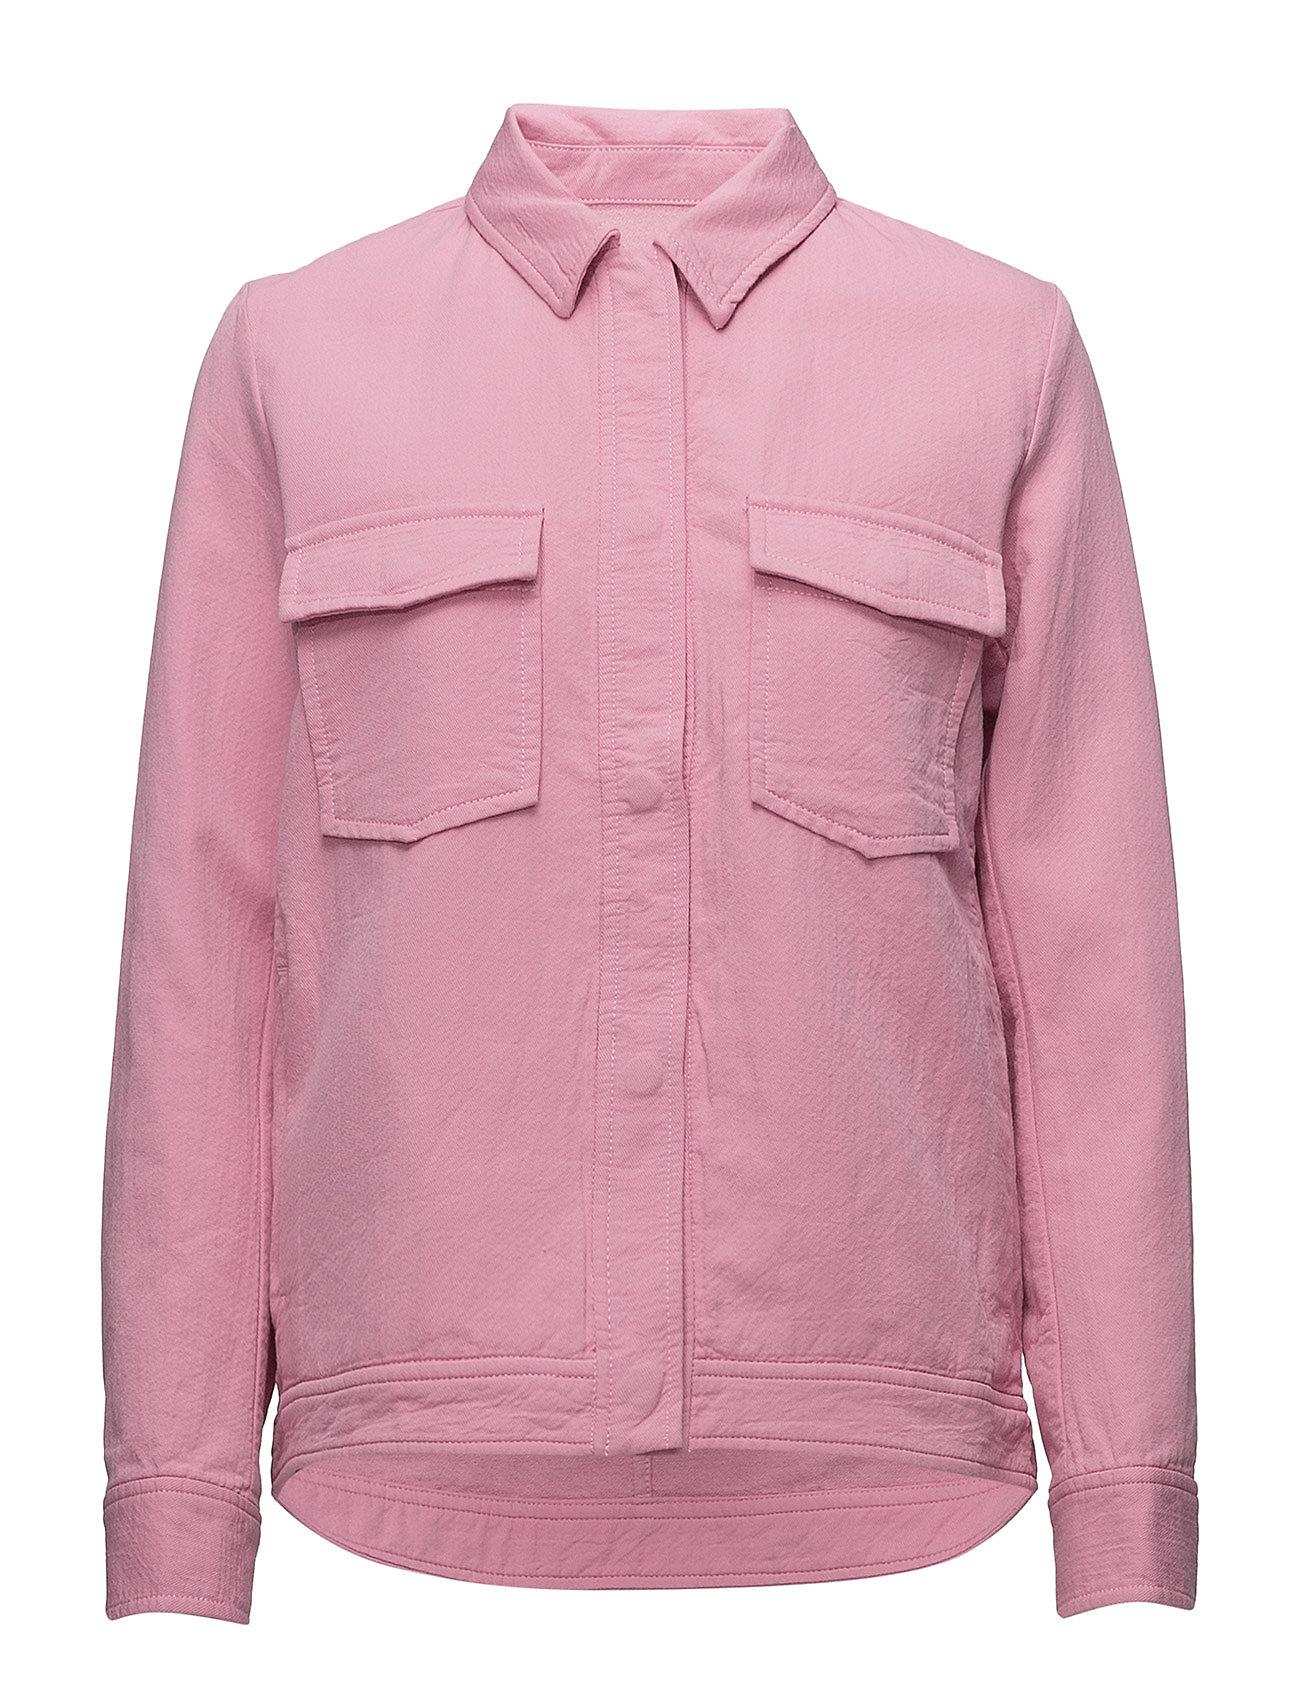 Samsøe & Samsøe Kealey jacket 9778